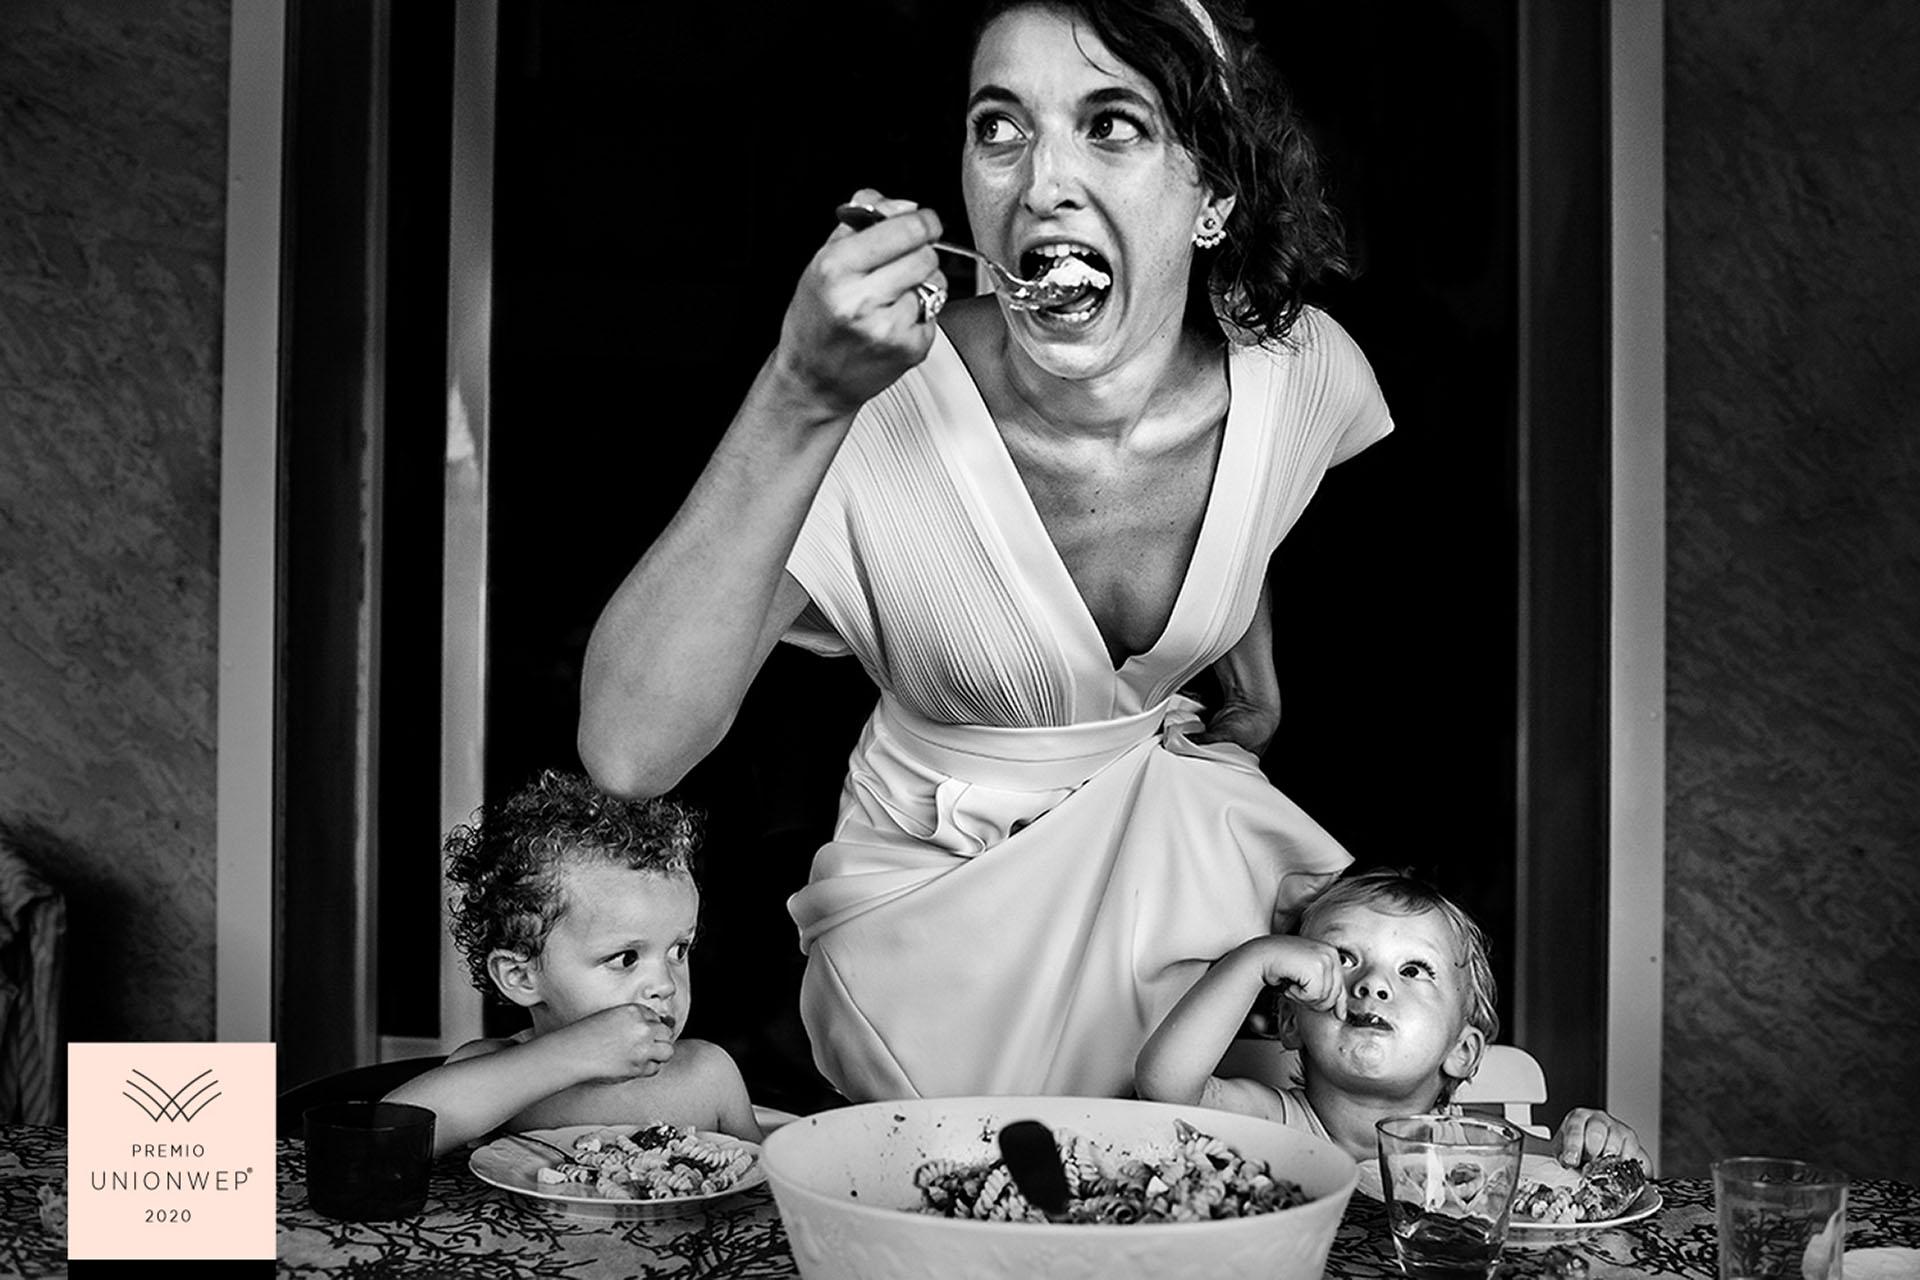 Mejor fotografo de bodas en España, Fotógrafos de bodas en Zaragoza, Fotógrafo de bodas en Barcelona, Fotógrafo de Bodas en Mallorca